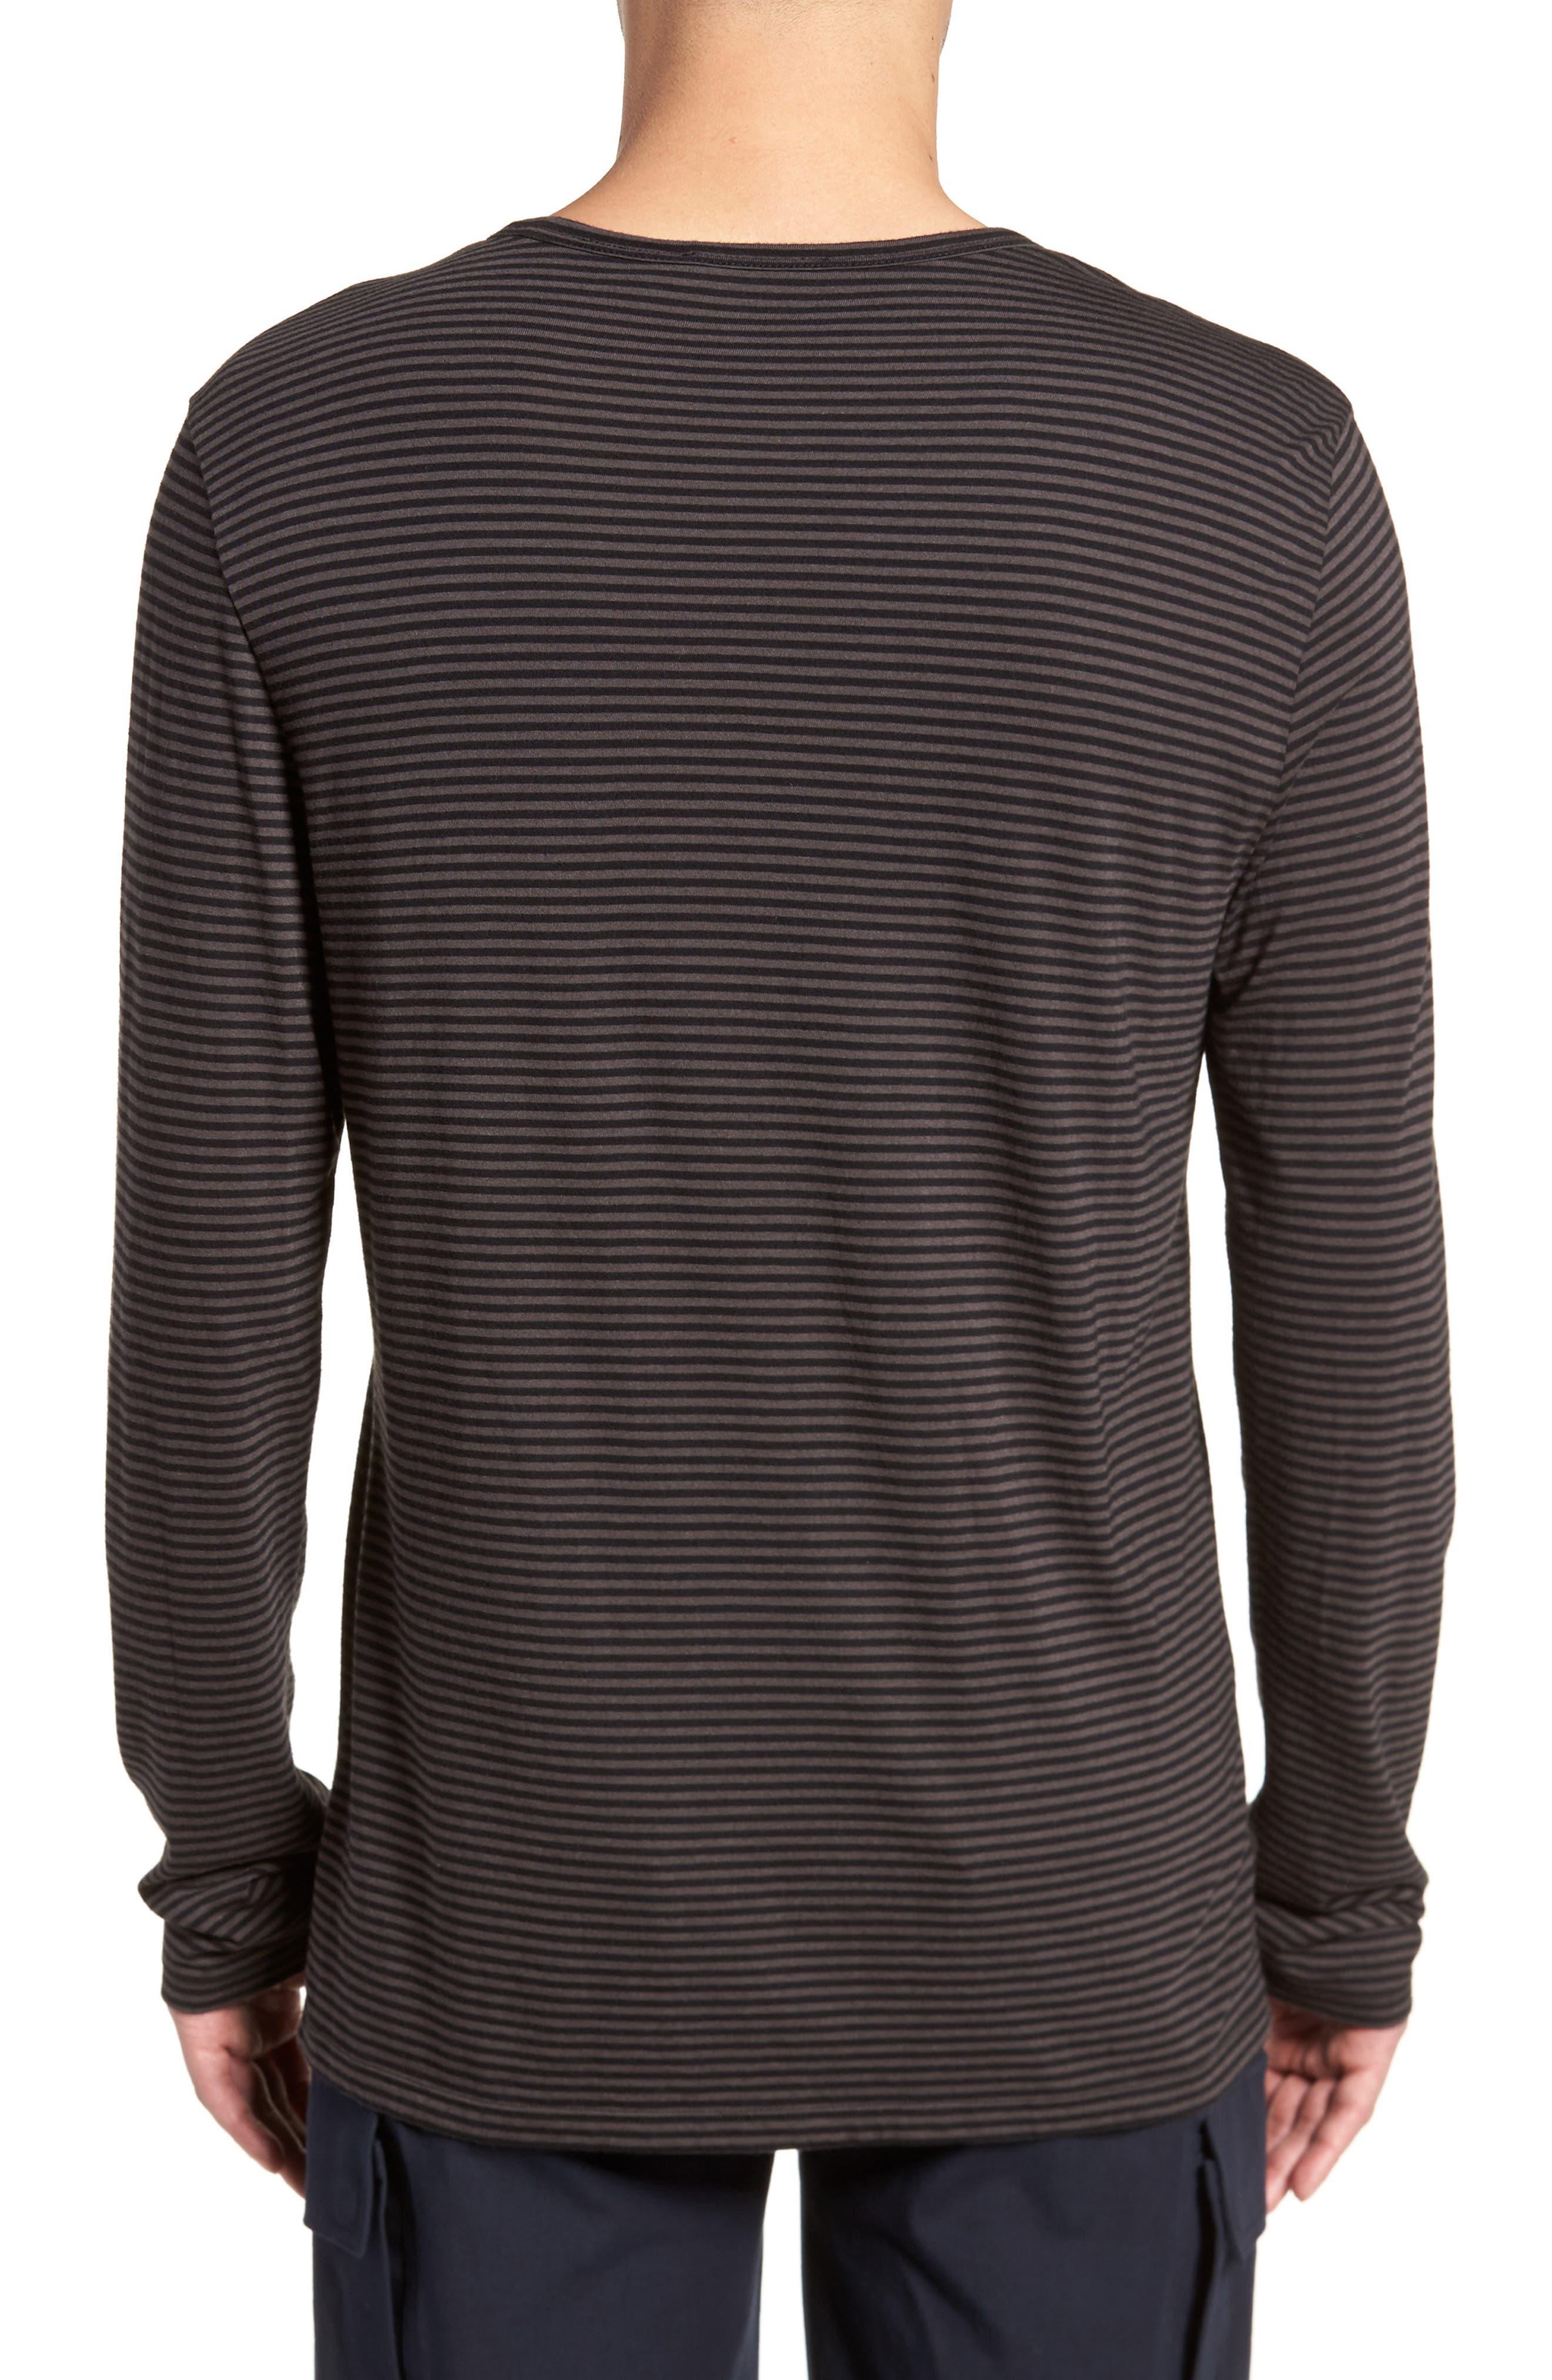 Feeder Stripe Long Sleeve Shirt,                             Alternate thumbnail 3, color,